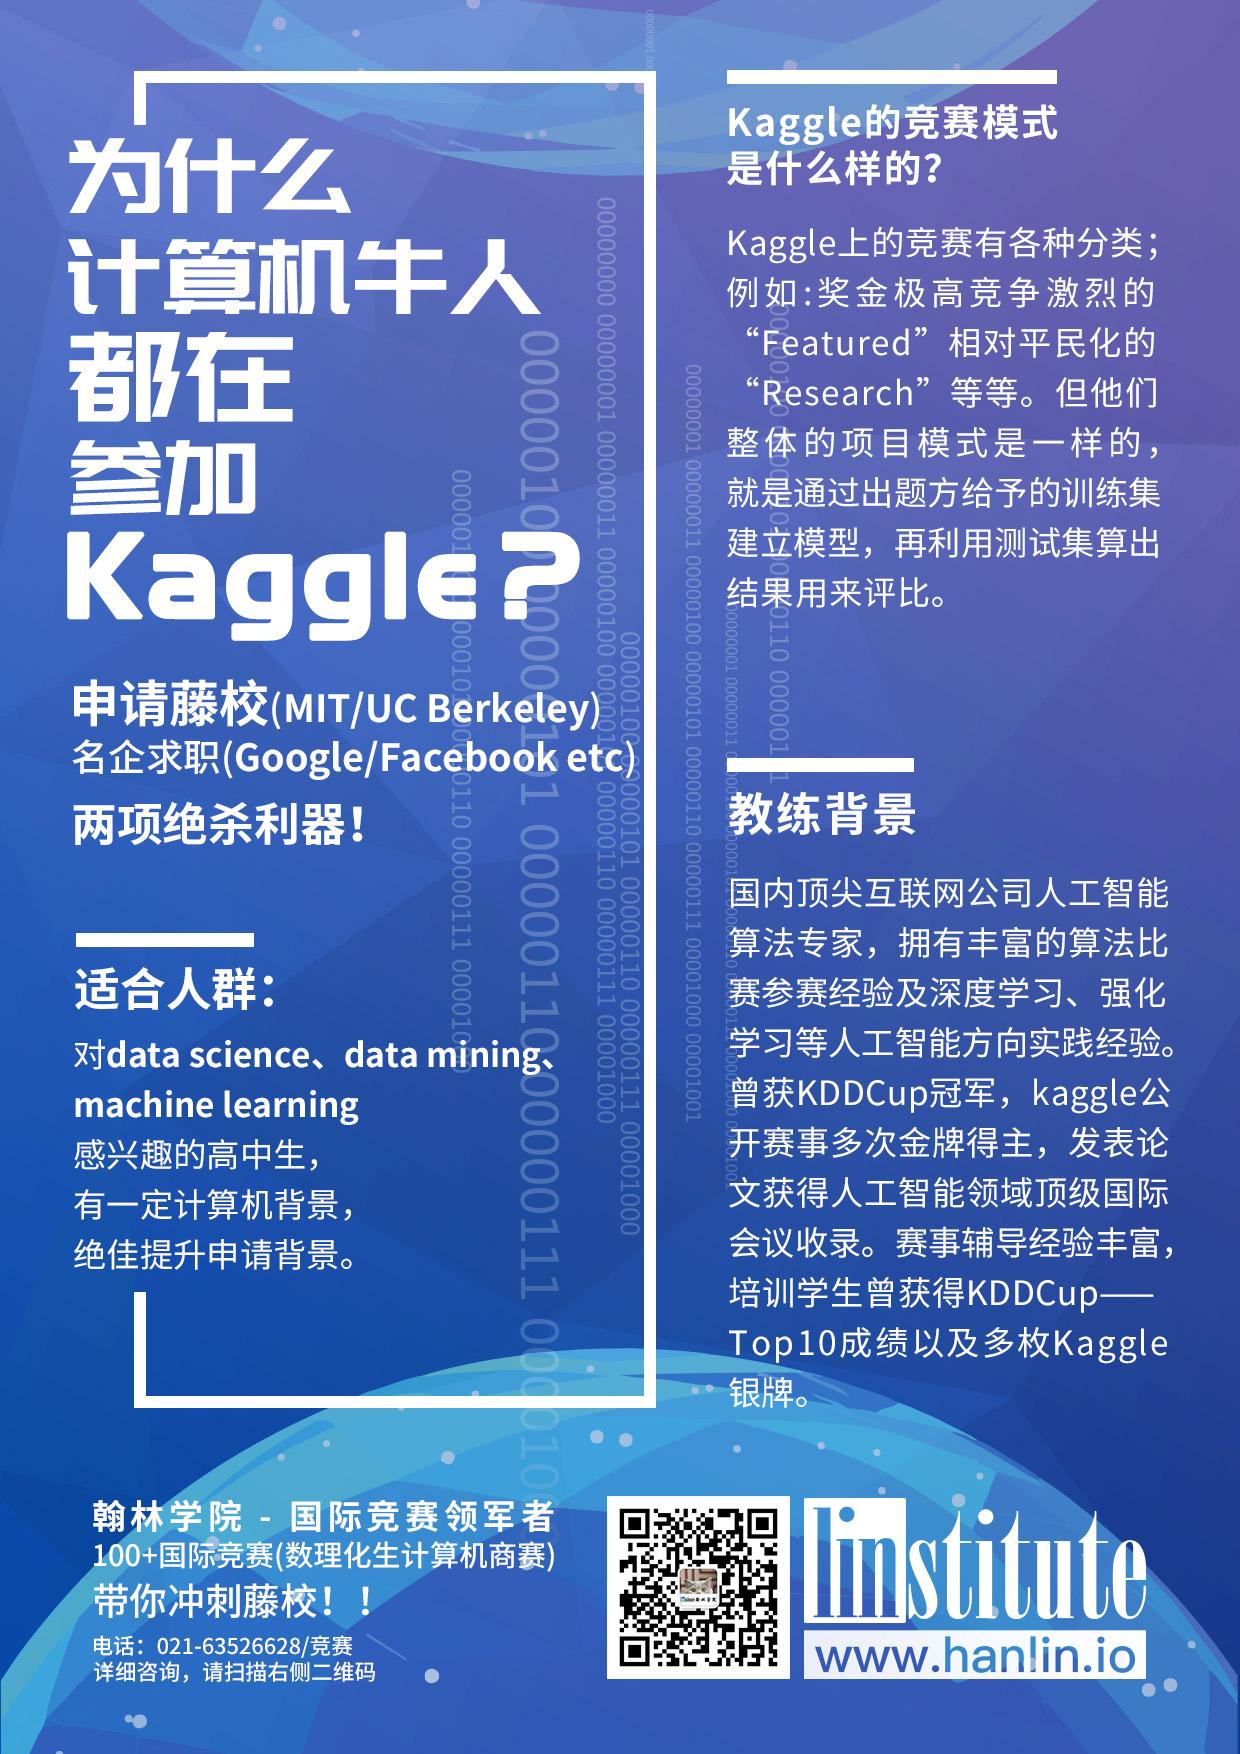 为什么要参加Kaggle计算机竞赛